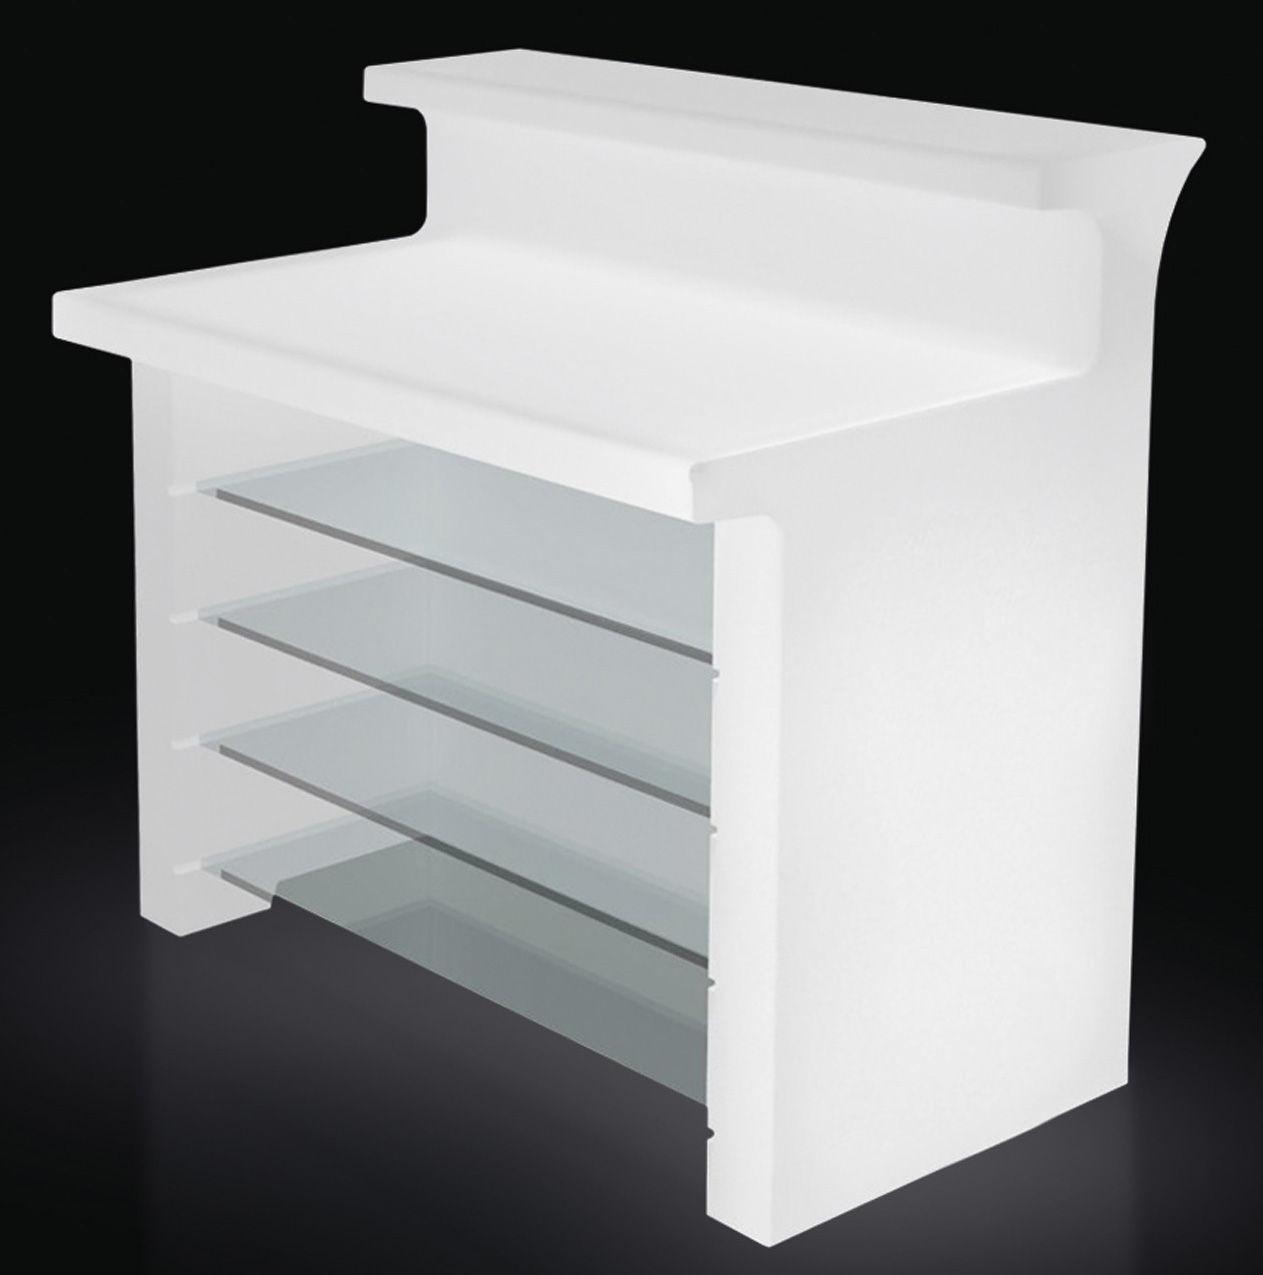 etag re pour bar break line etag re pour bar break line slide. Black Bedroom Furniture Sets. Home Design Ideas